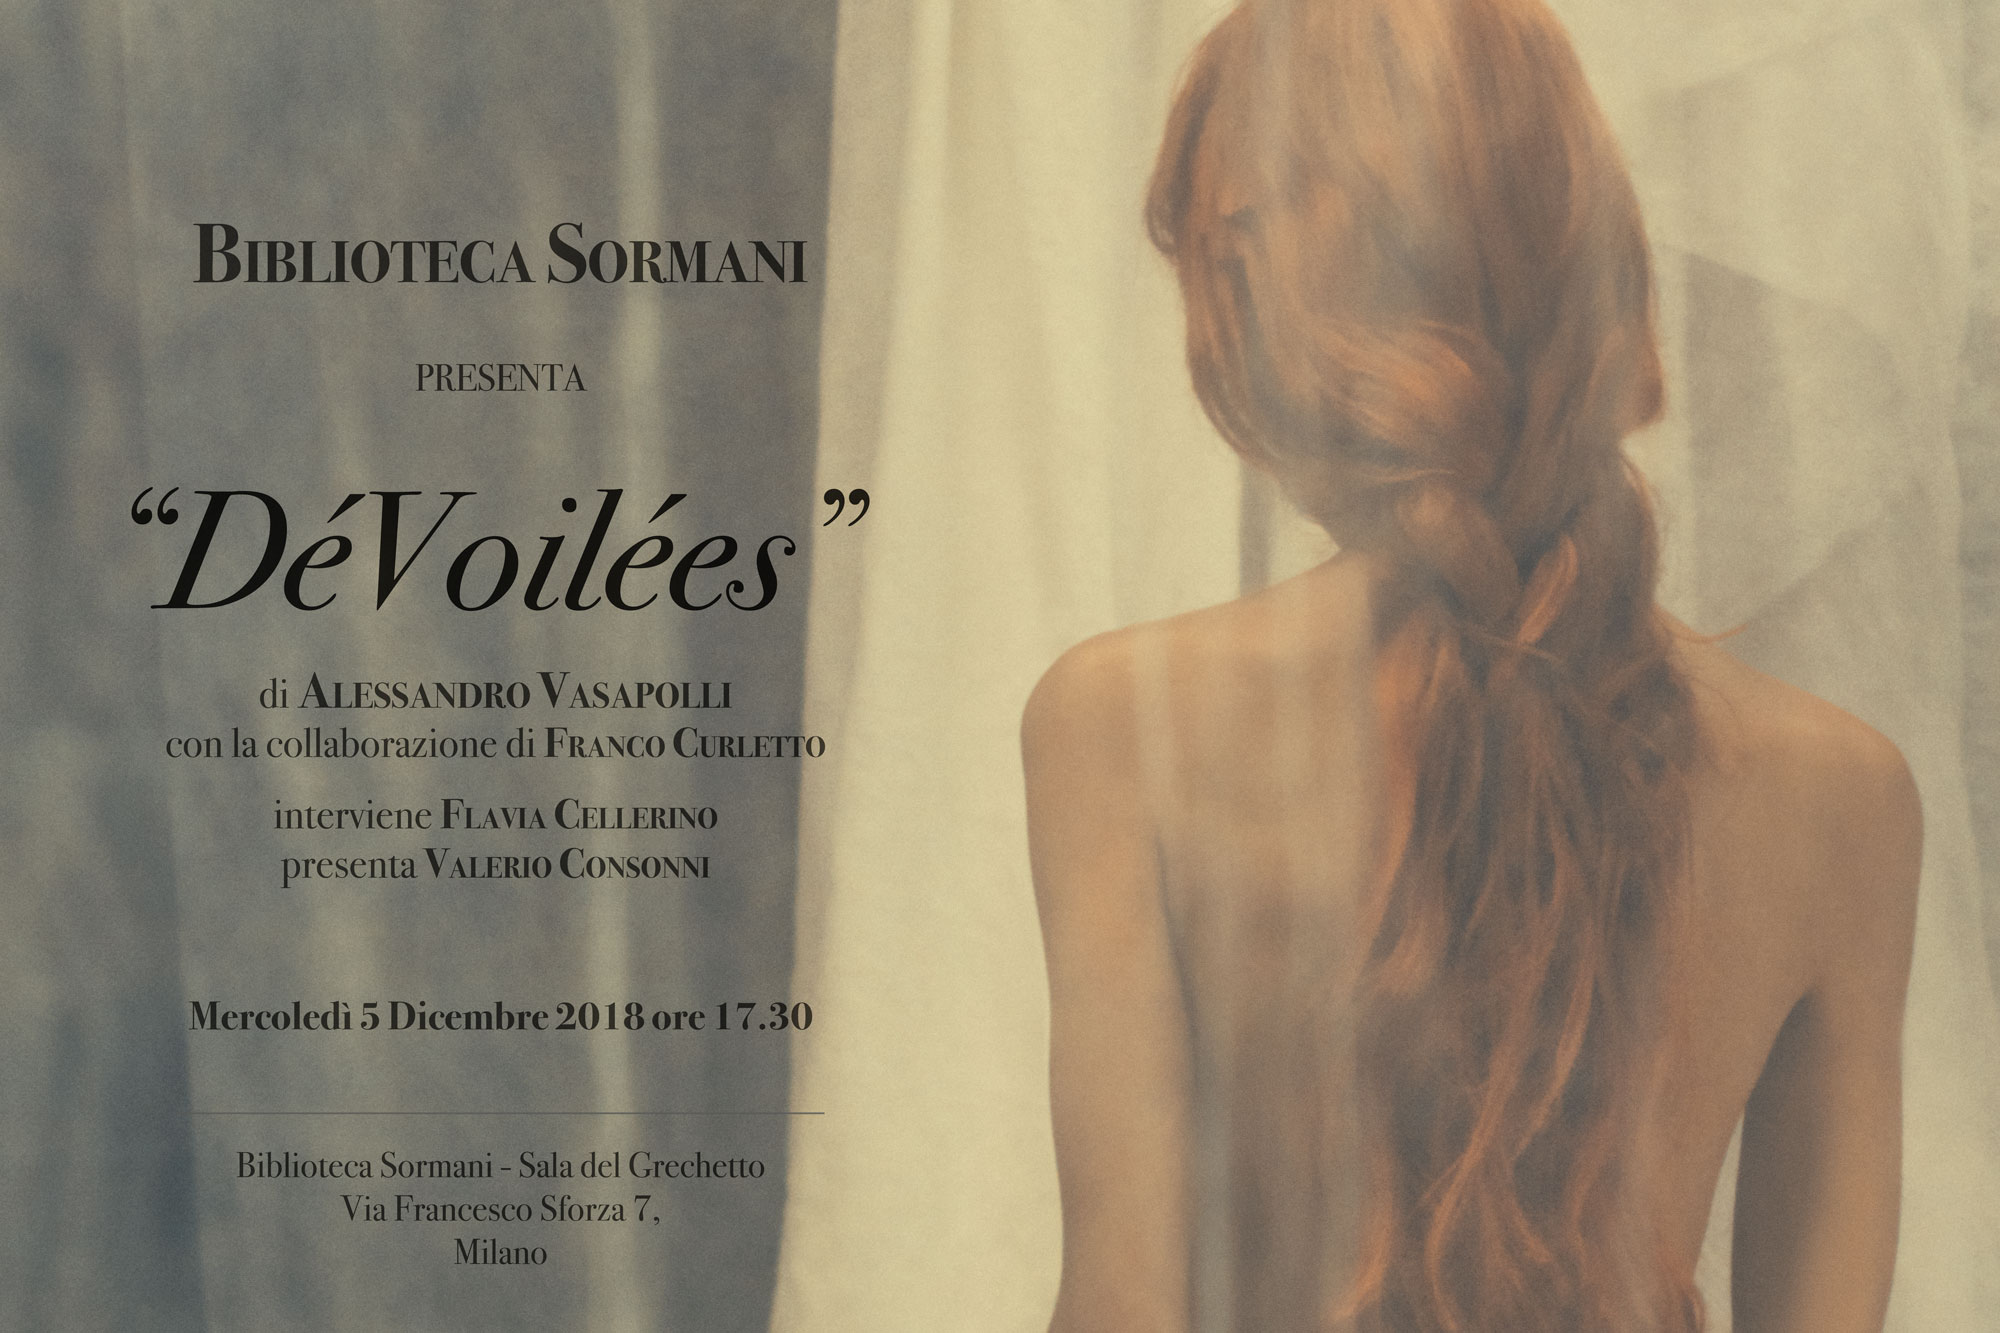 Invitation_Biblioteca_Sormani_Sala_del_Grechetto_Alessandro_Vasapolli_05_12_2018_DeVoilees_1